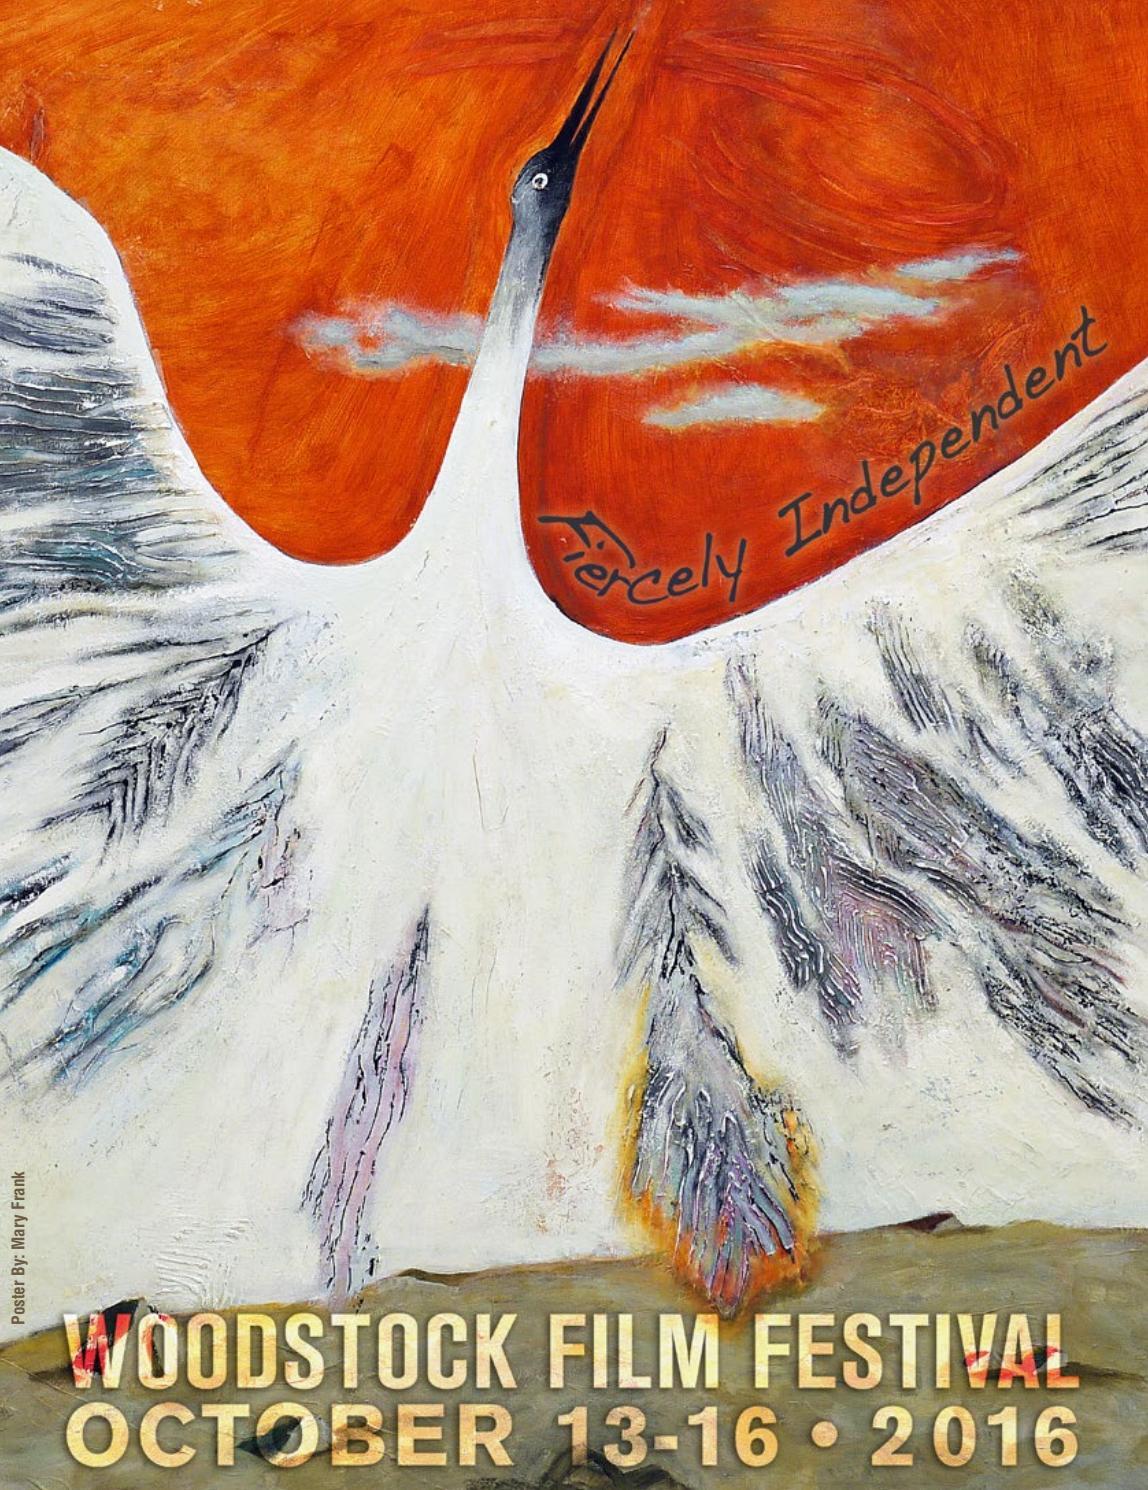 2016 Woodstock Film Festival program by Woodstock Film Festival - issuu